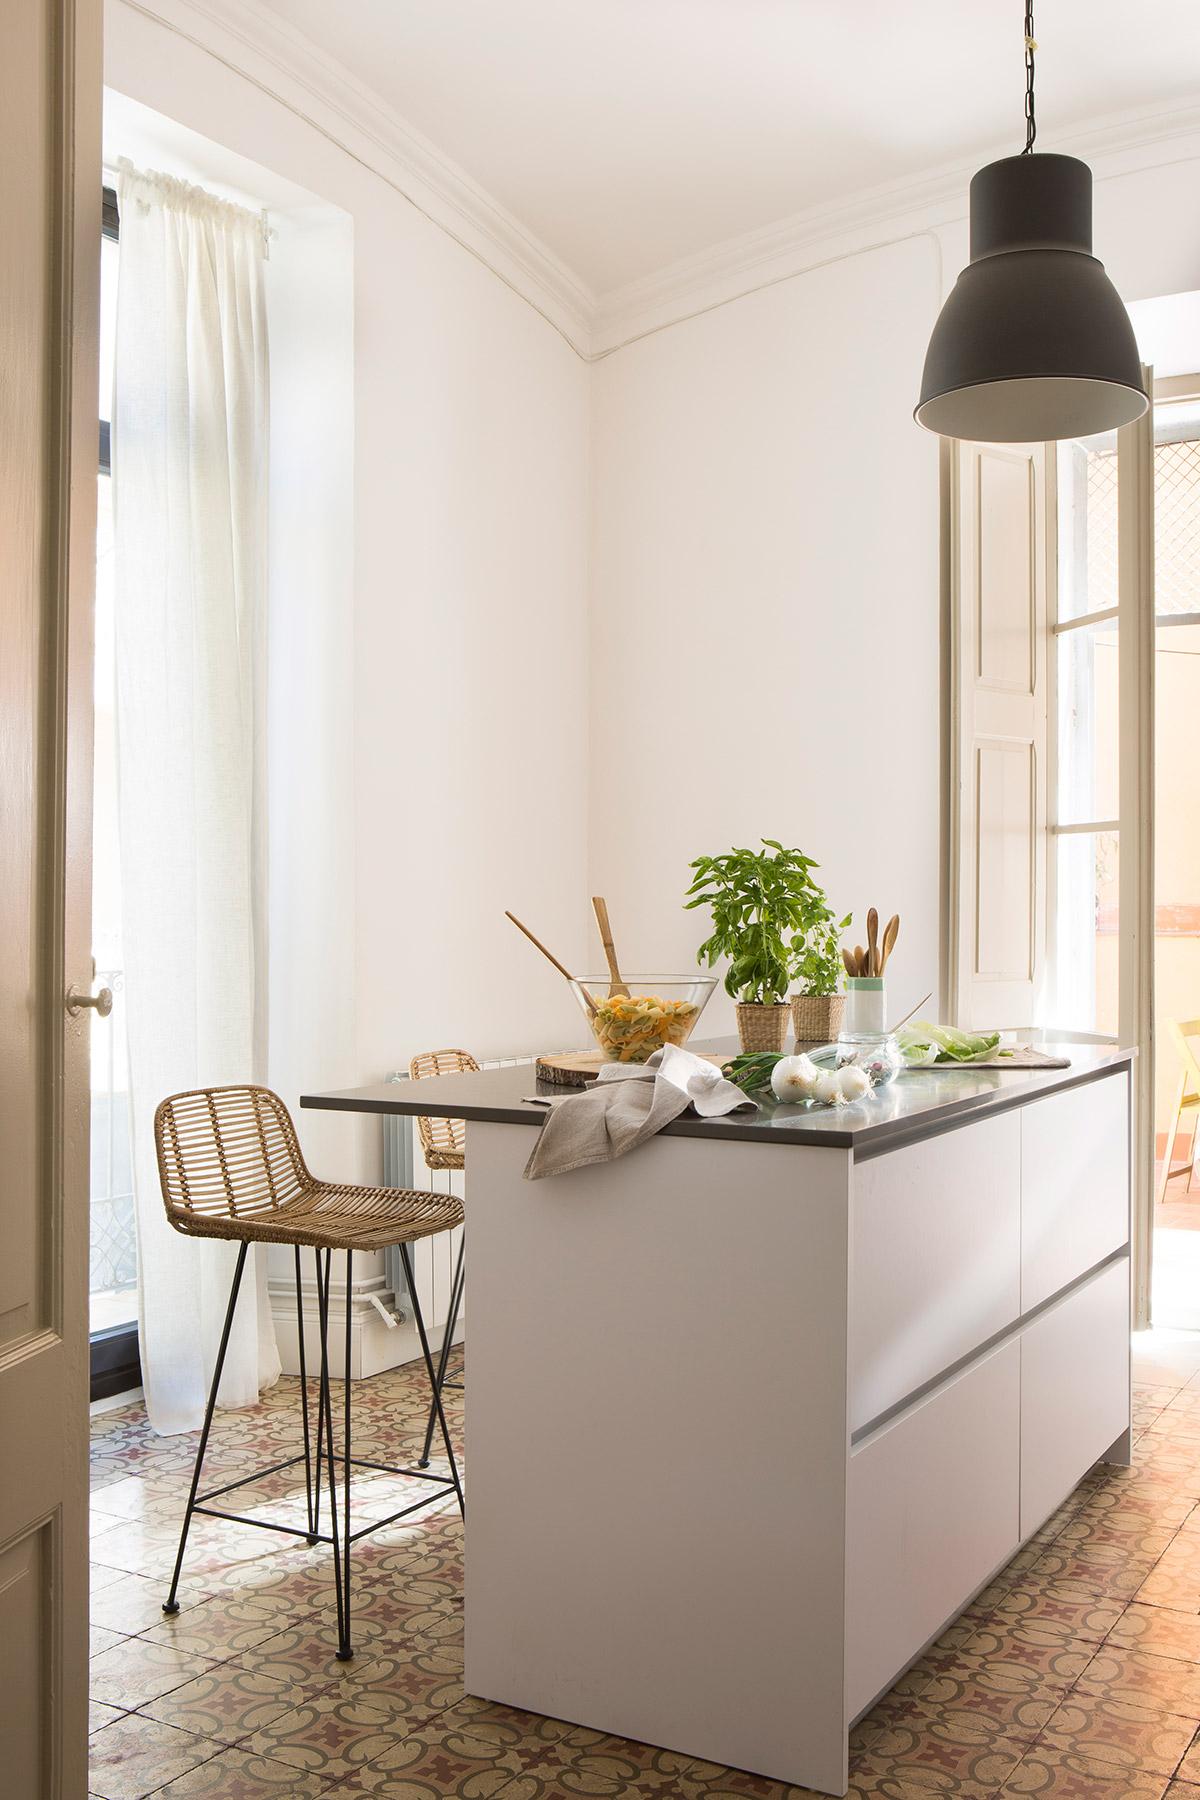 Diseño de una cocina con barra de desayuno